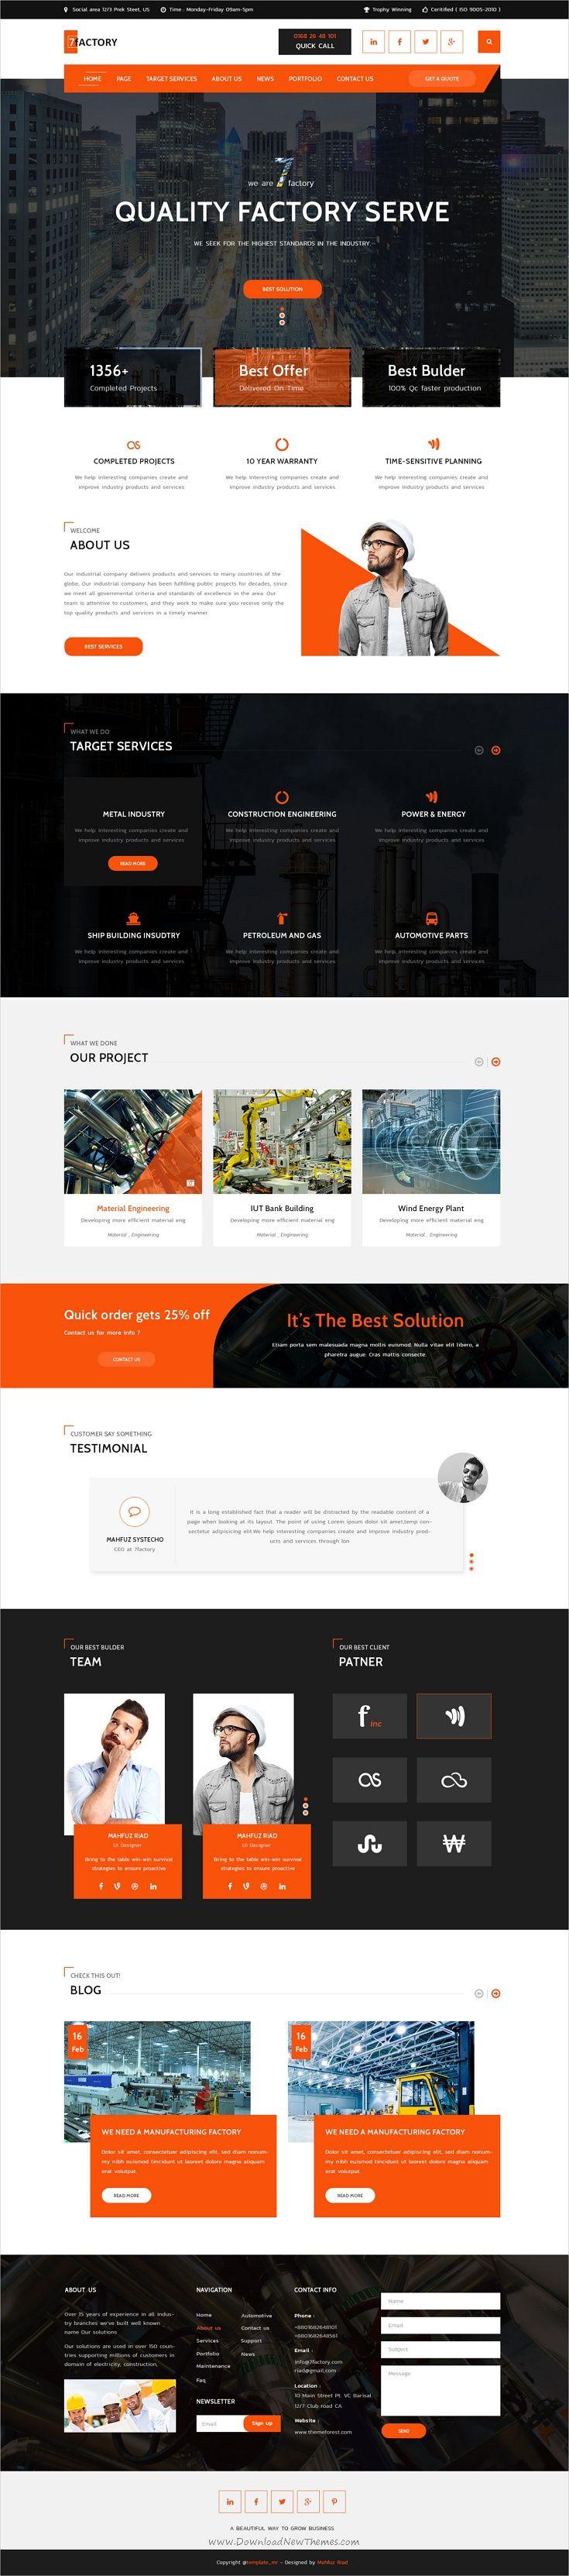 1676 best Web design ideas images on Pinterest | Graph design ...